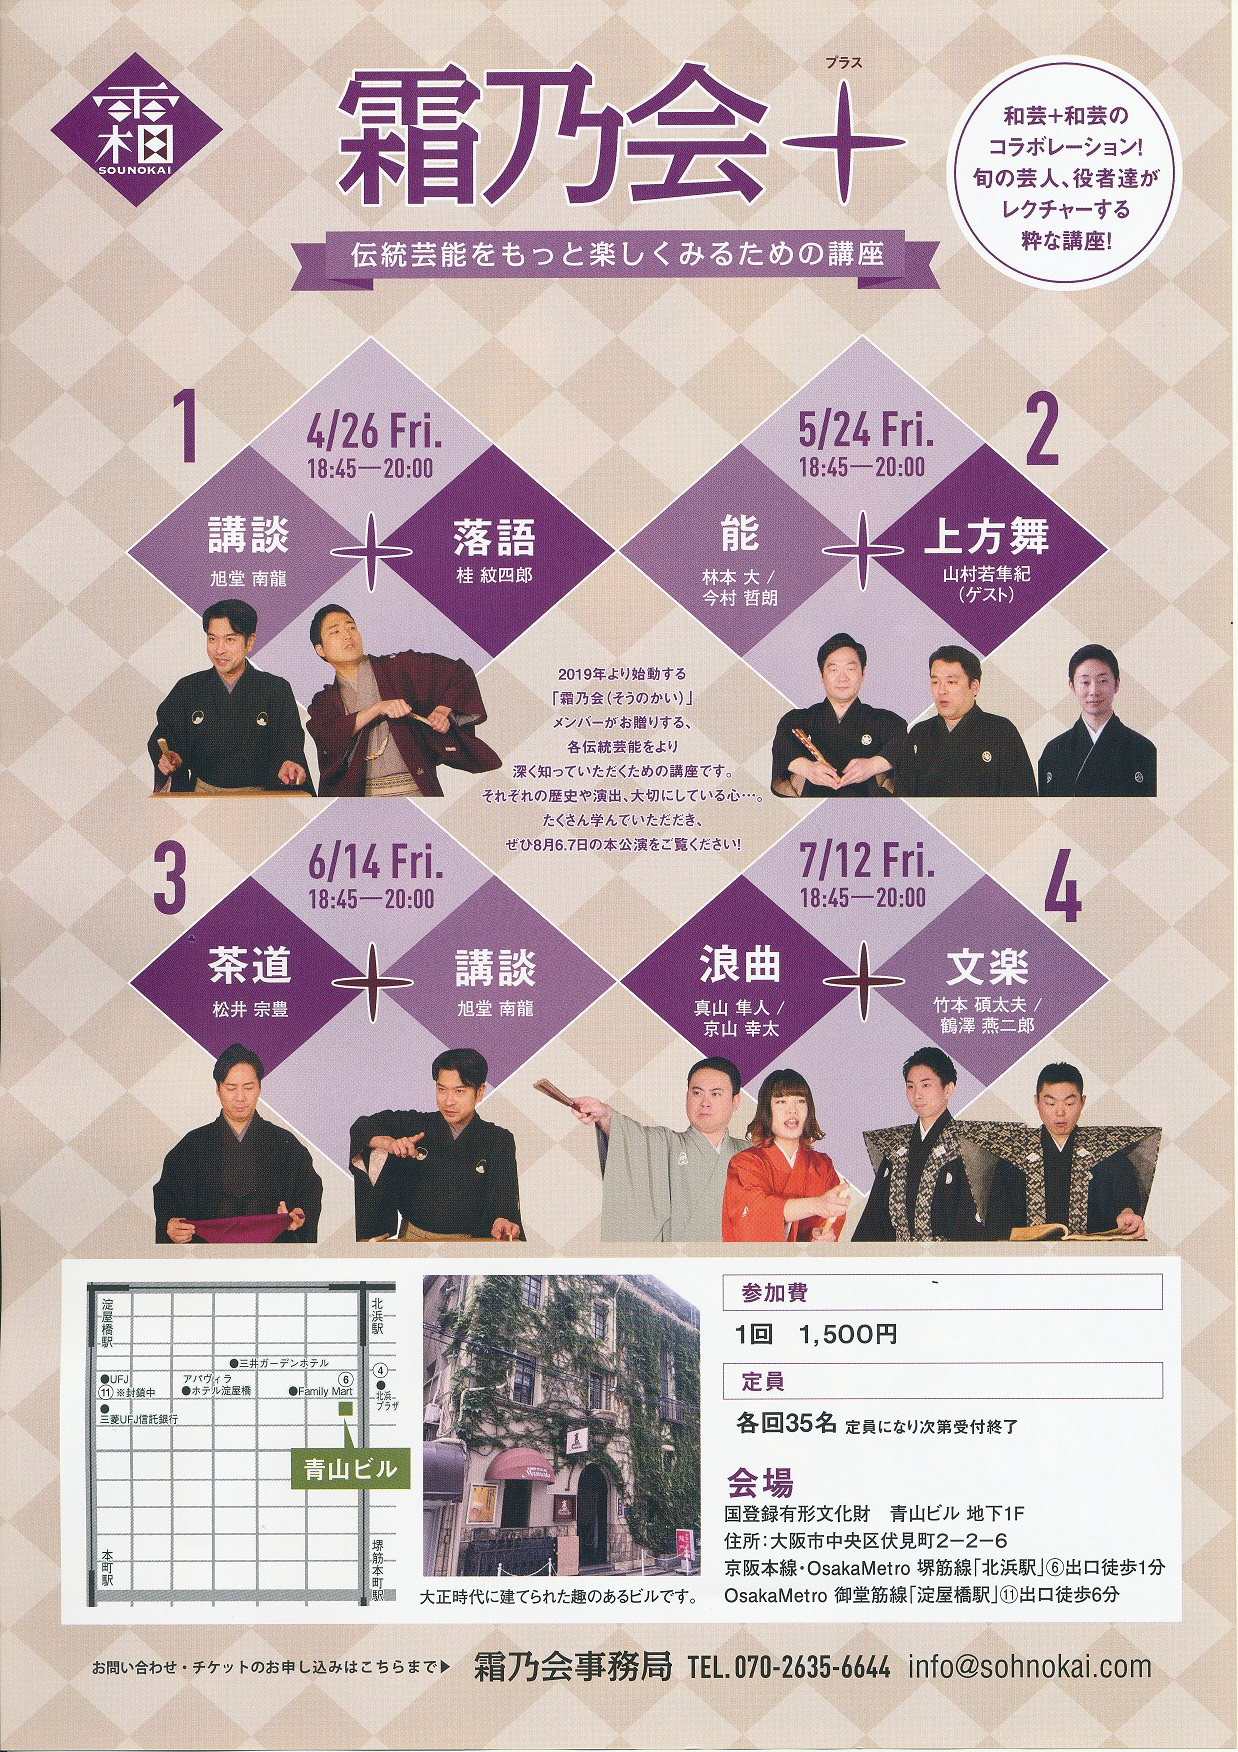 4/26(金)霜乃会+~講談+落語~